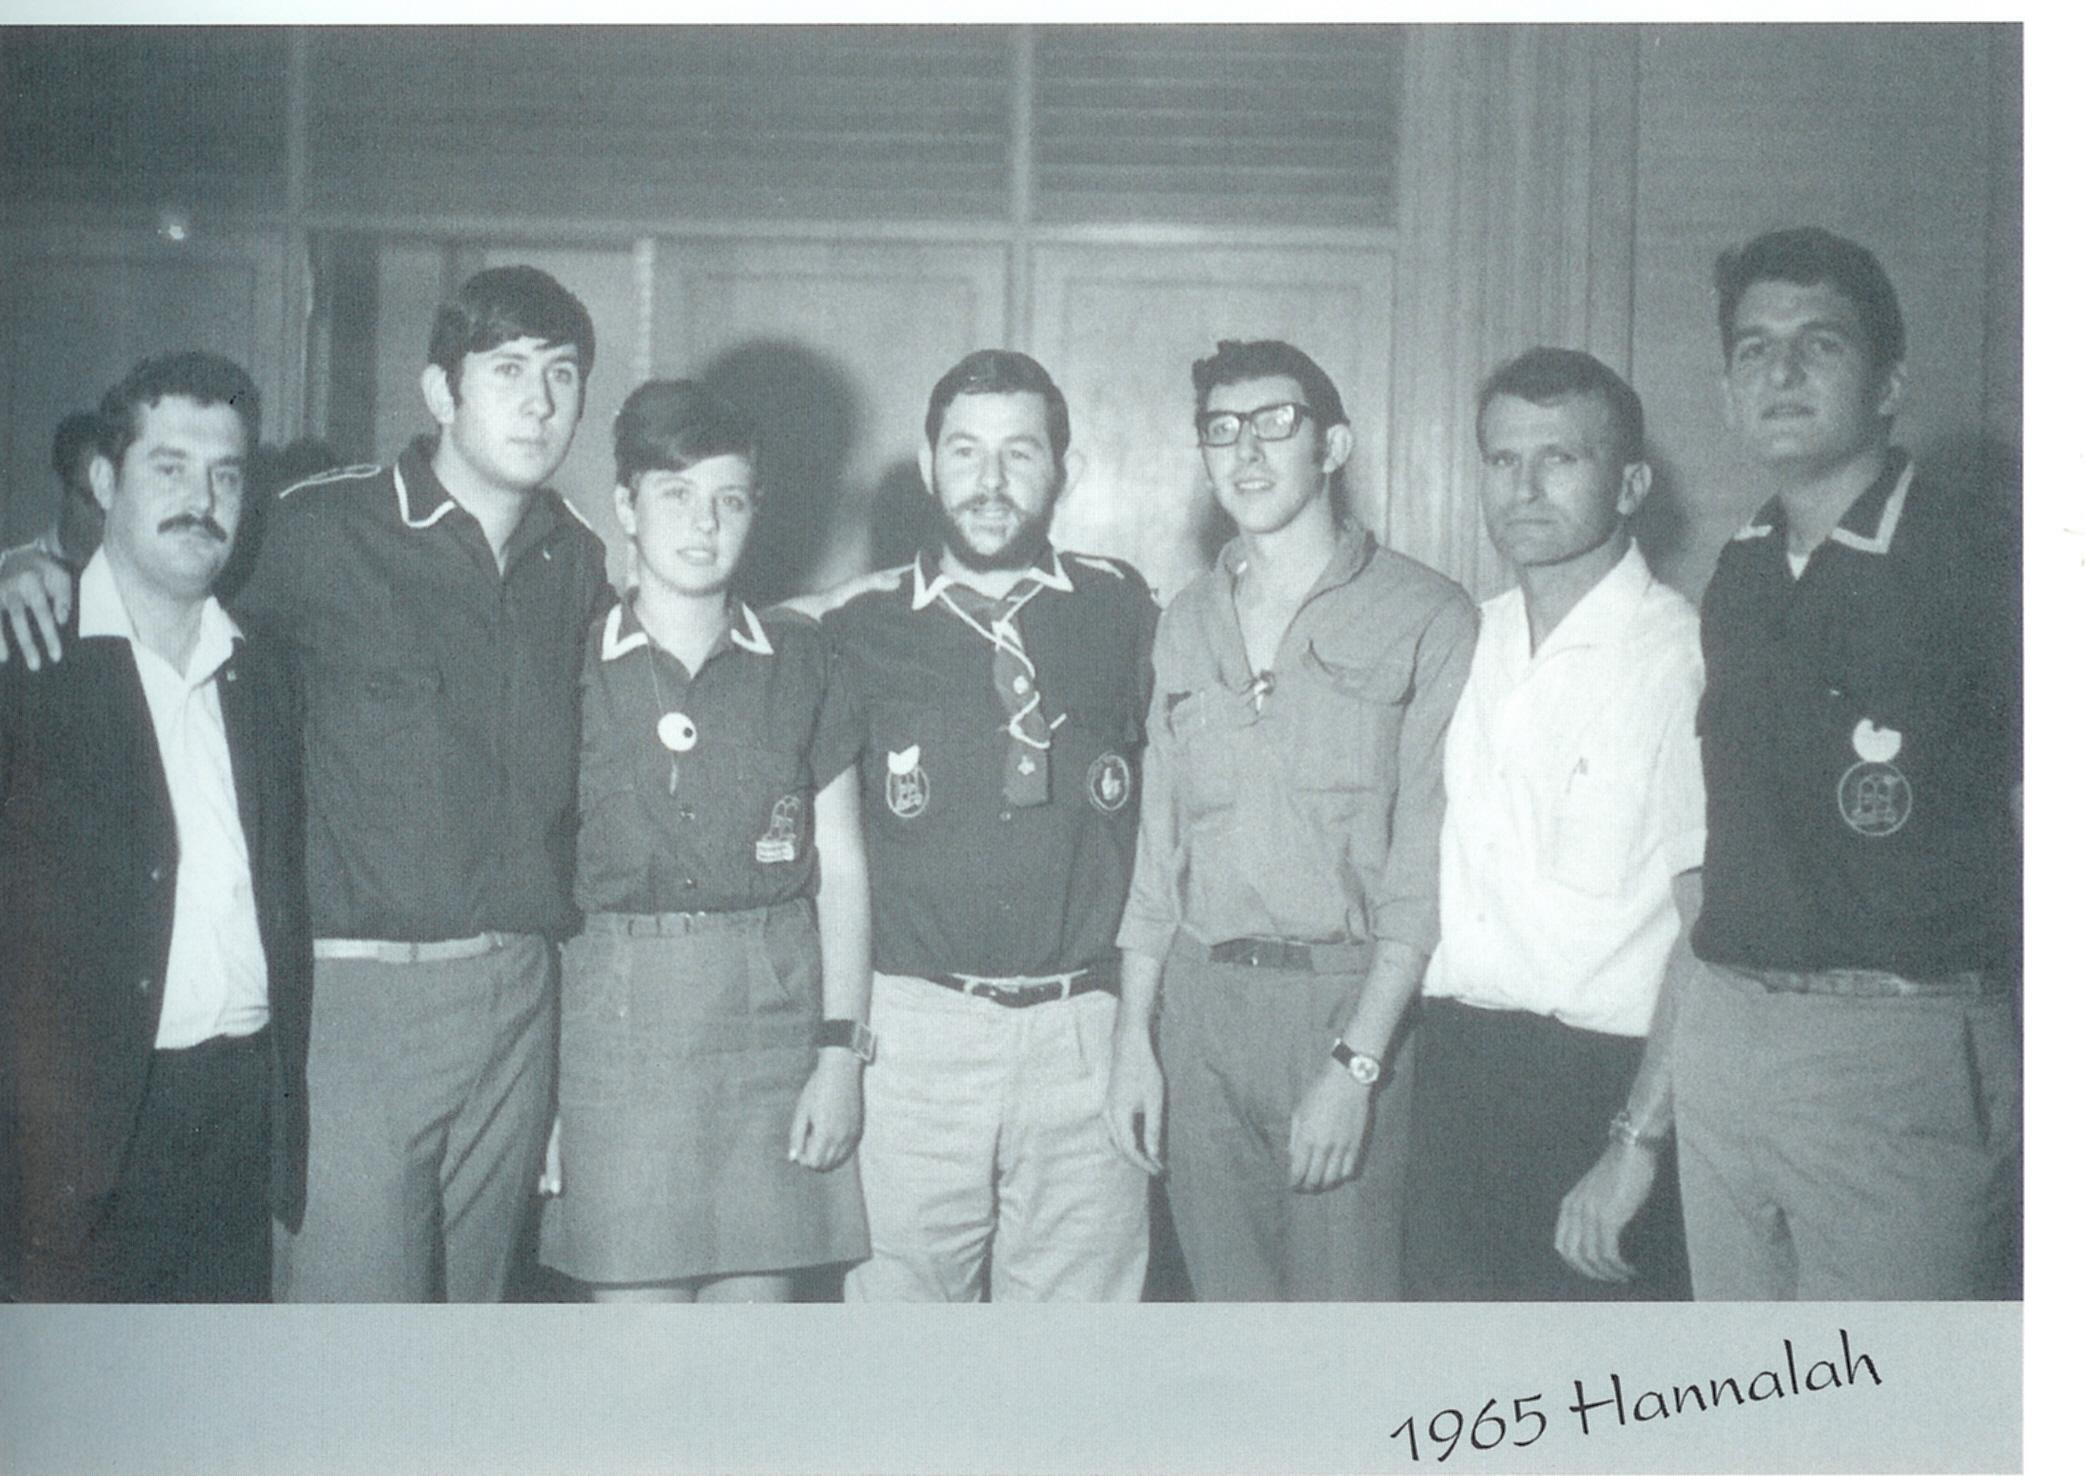 Hannalah of BA 1965